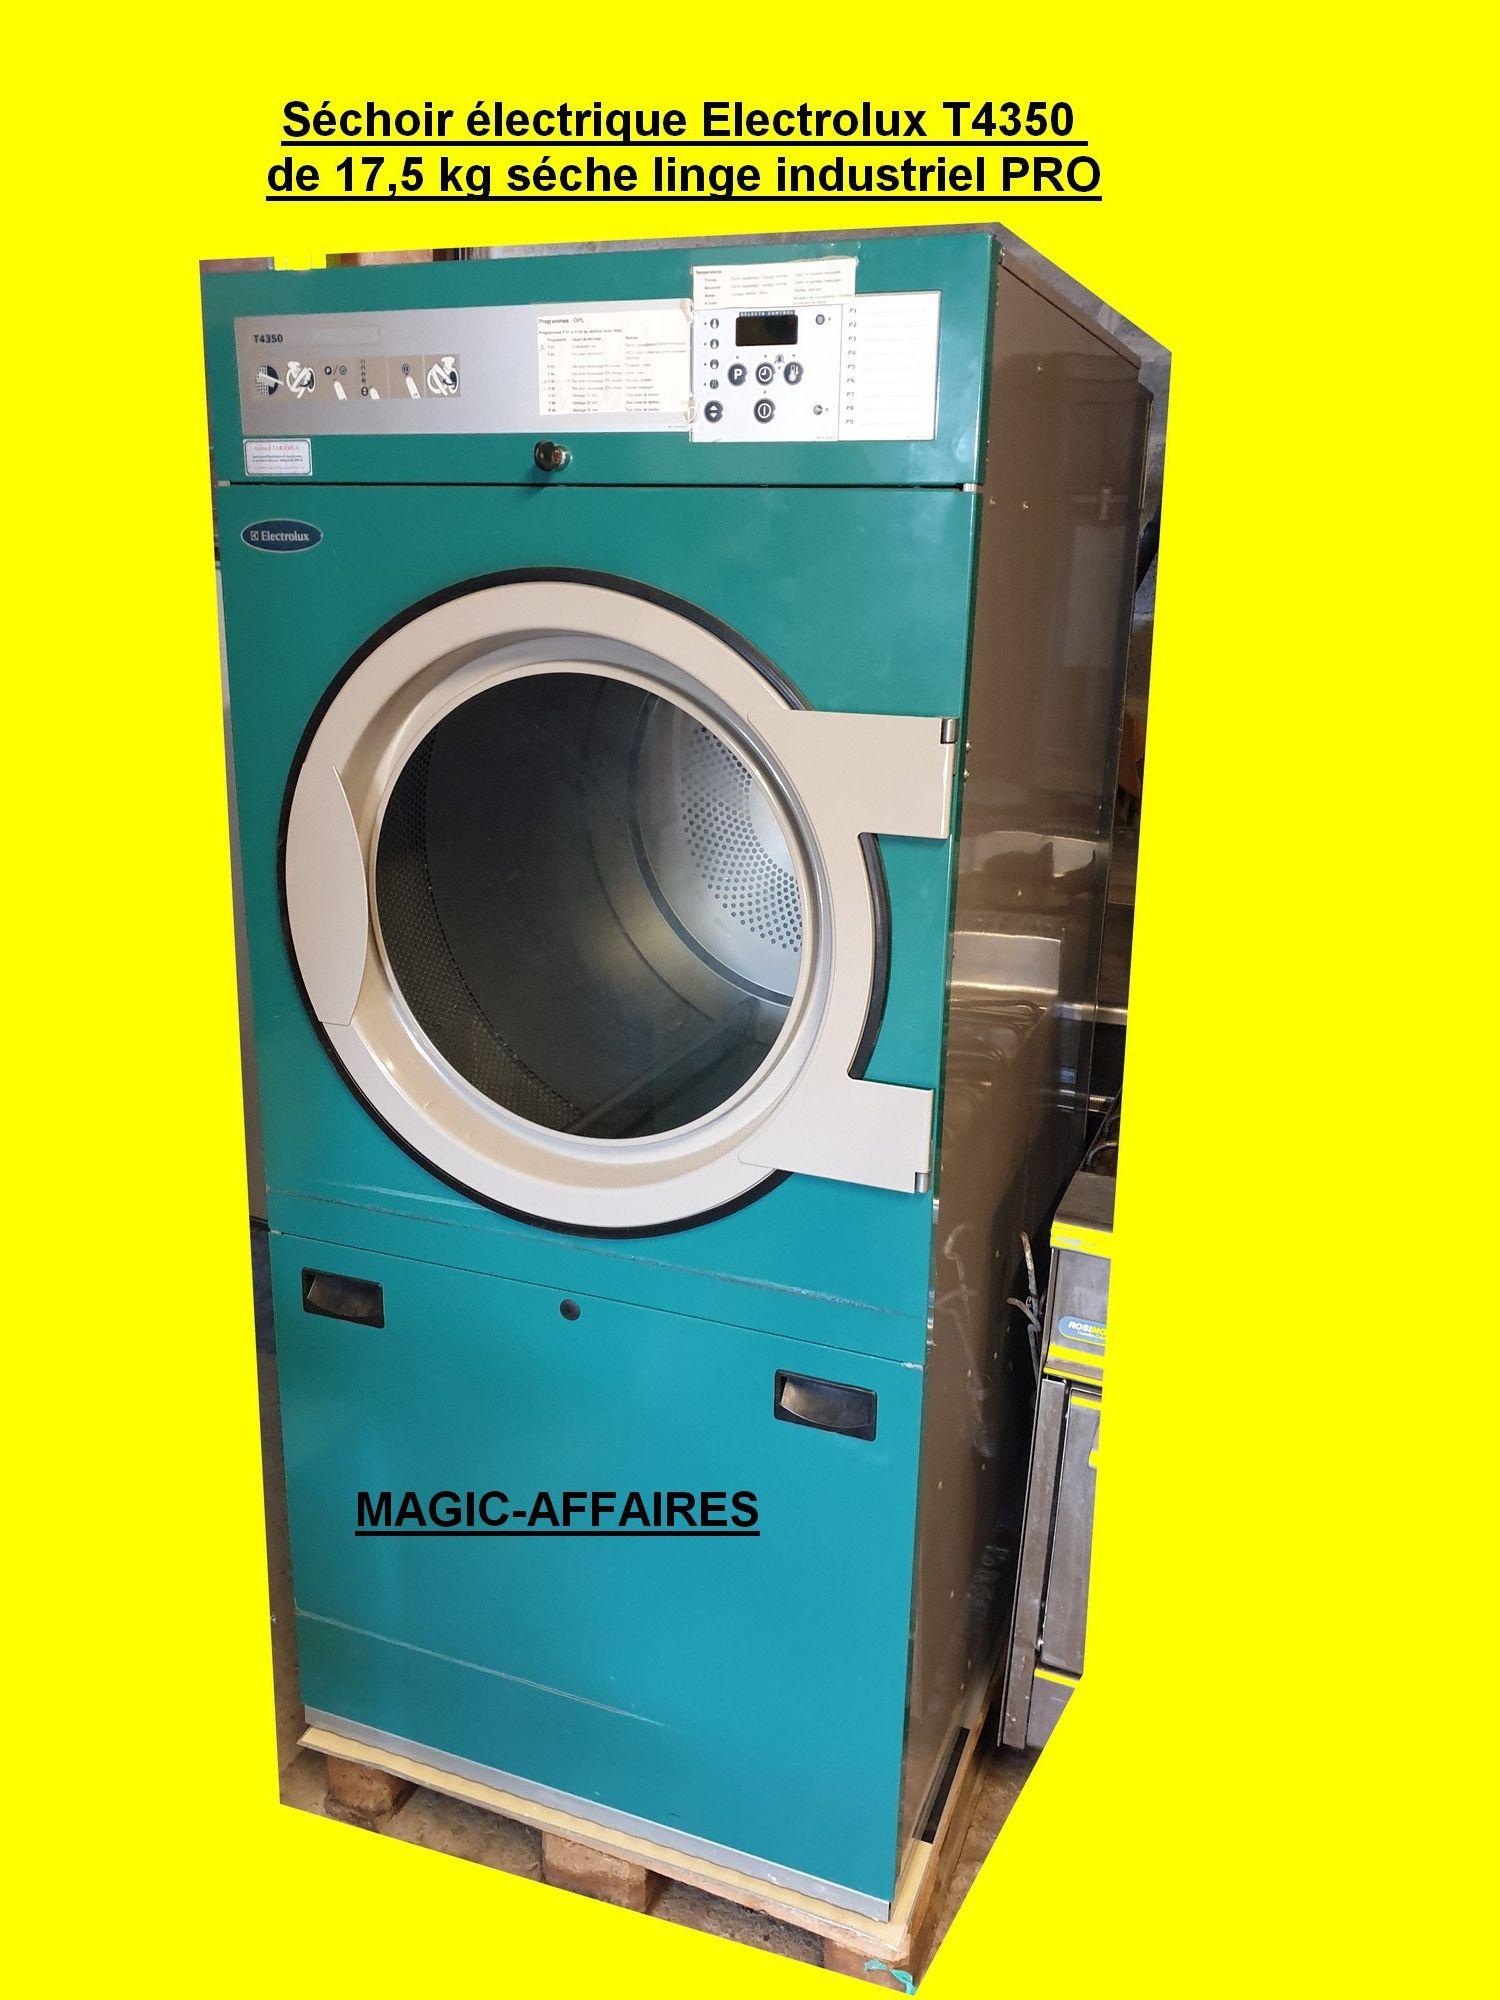 Sechoir Electrique Electrolux T4350 De 17 5 Kg Seche Linge Industriel Pro Materiel Professionnel Machine Professionnel Sechoir Electrique Sechoir Seche Linge